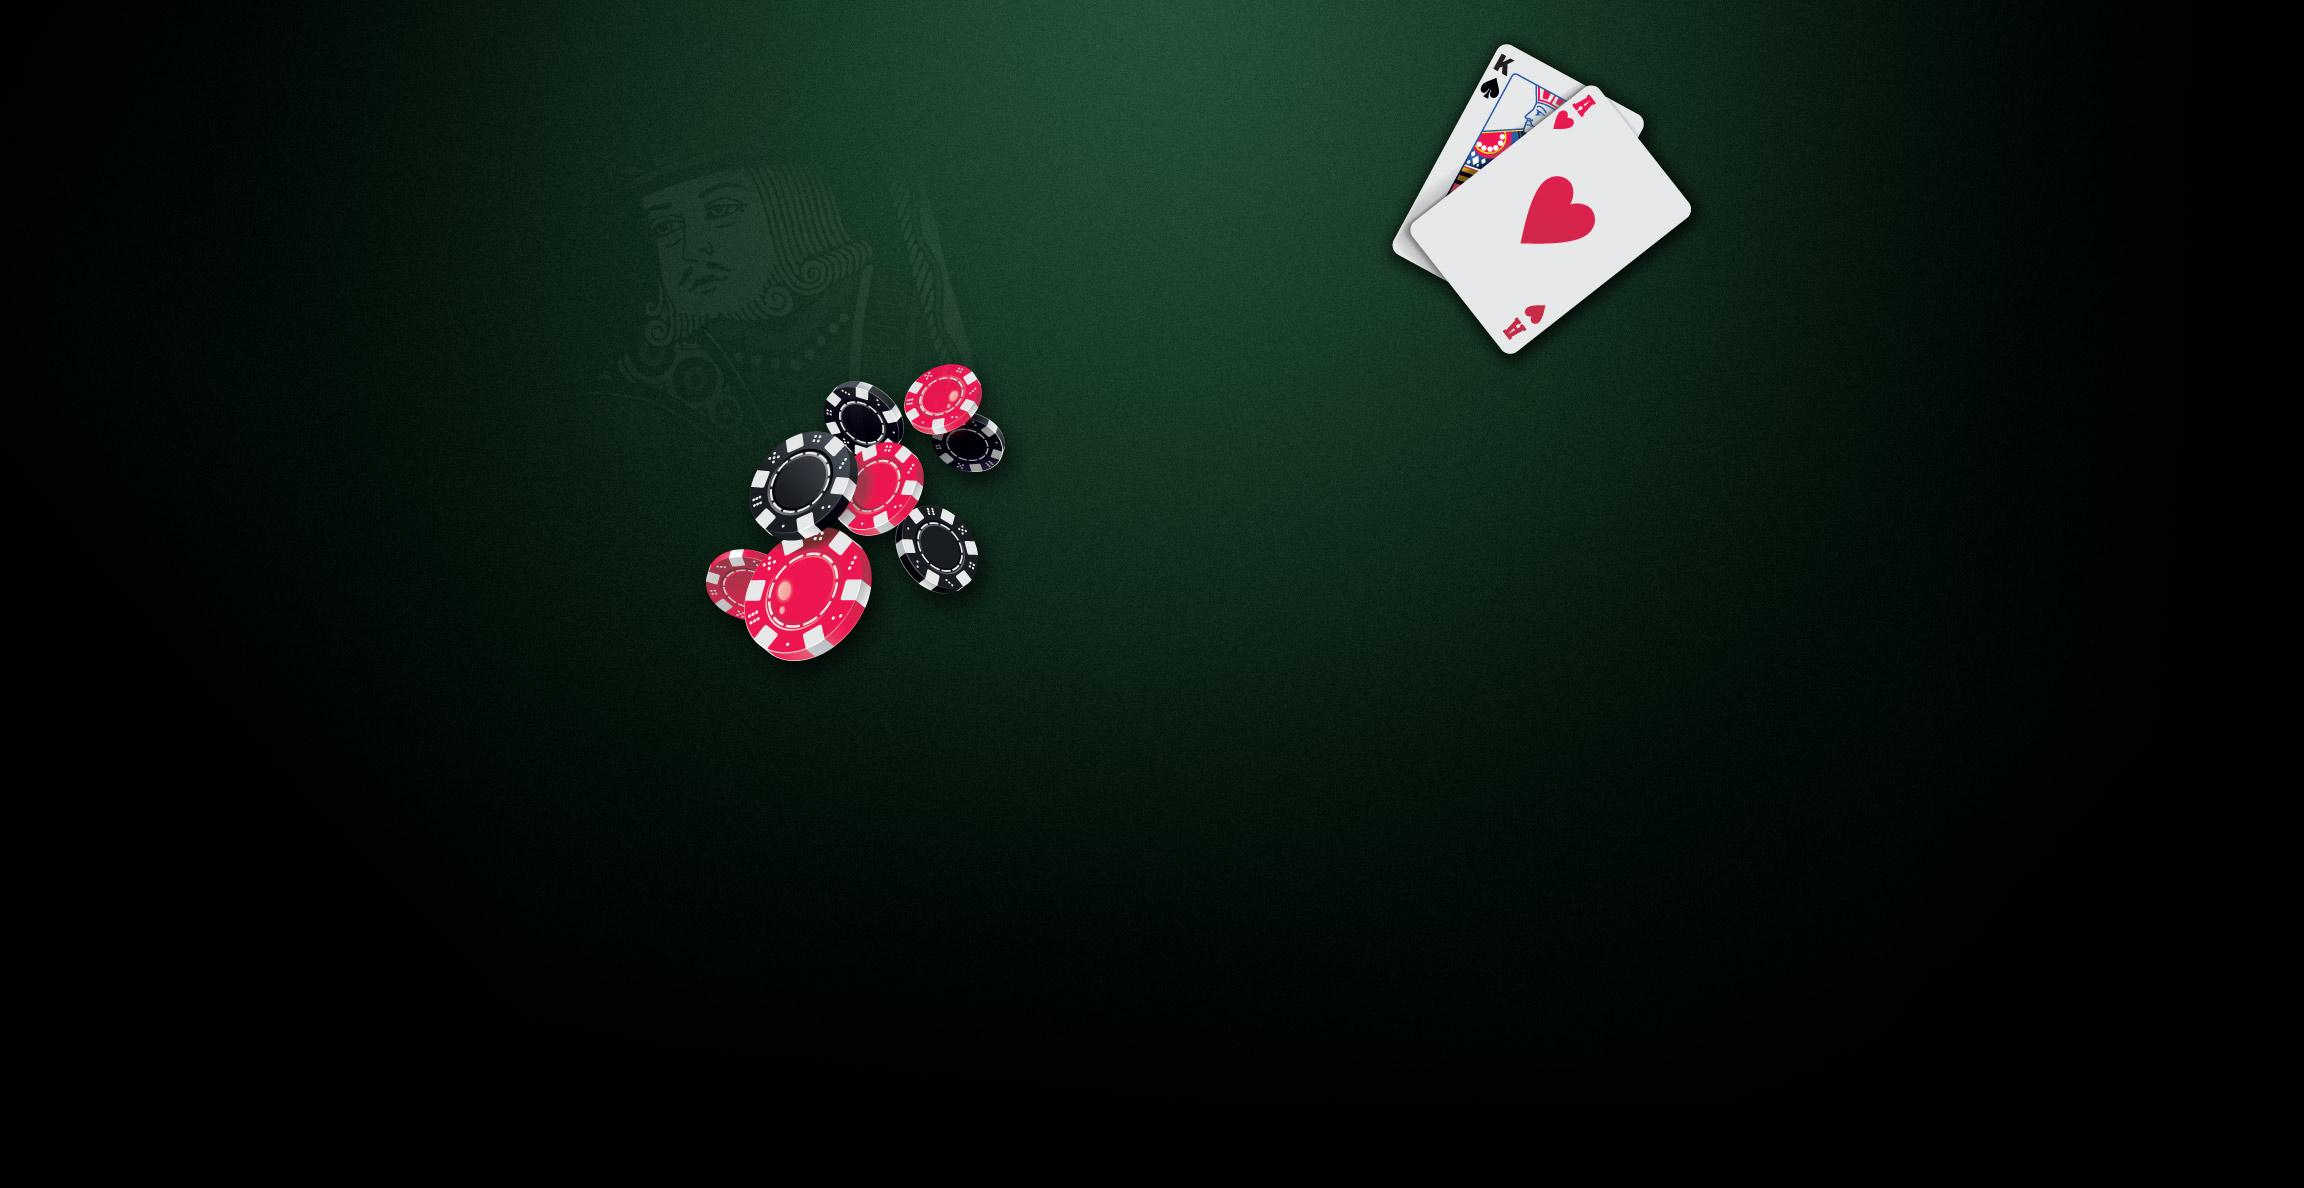 Blackjack en ligne : un guide pour gagner à coup sûr